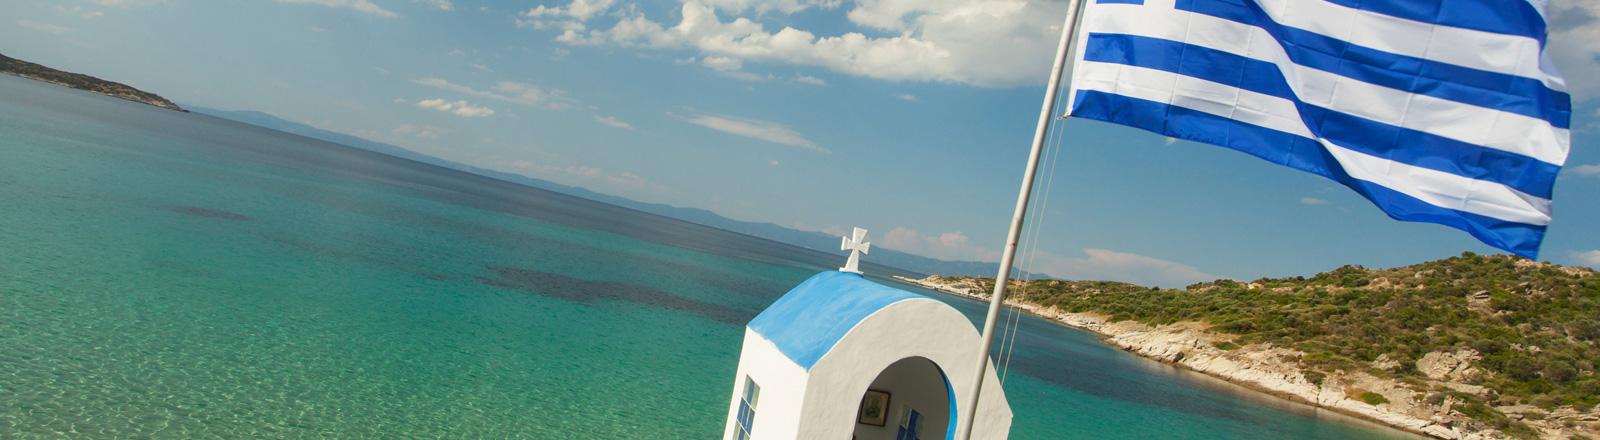 Blick auf das Meer in Griechenland. Rechts flatter die griechische Nationalflagge. In der Mitte ist das Dach einer kleinen Kapelle zu sehen.